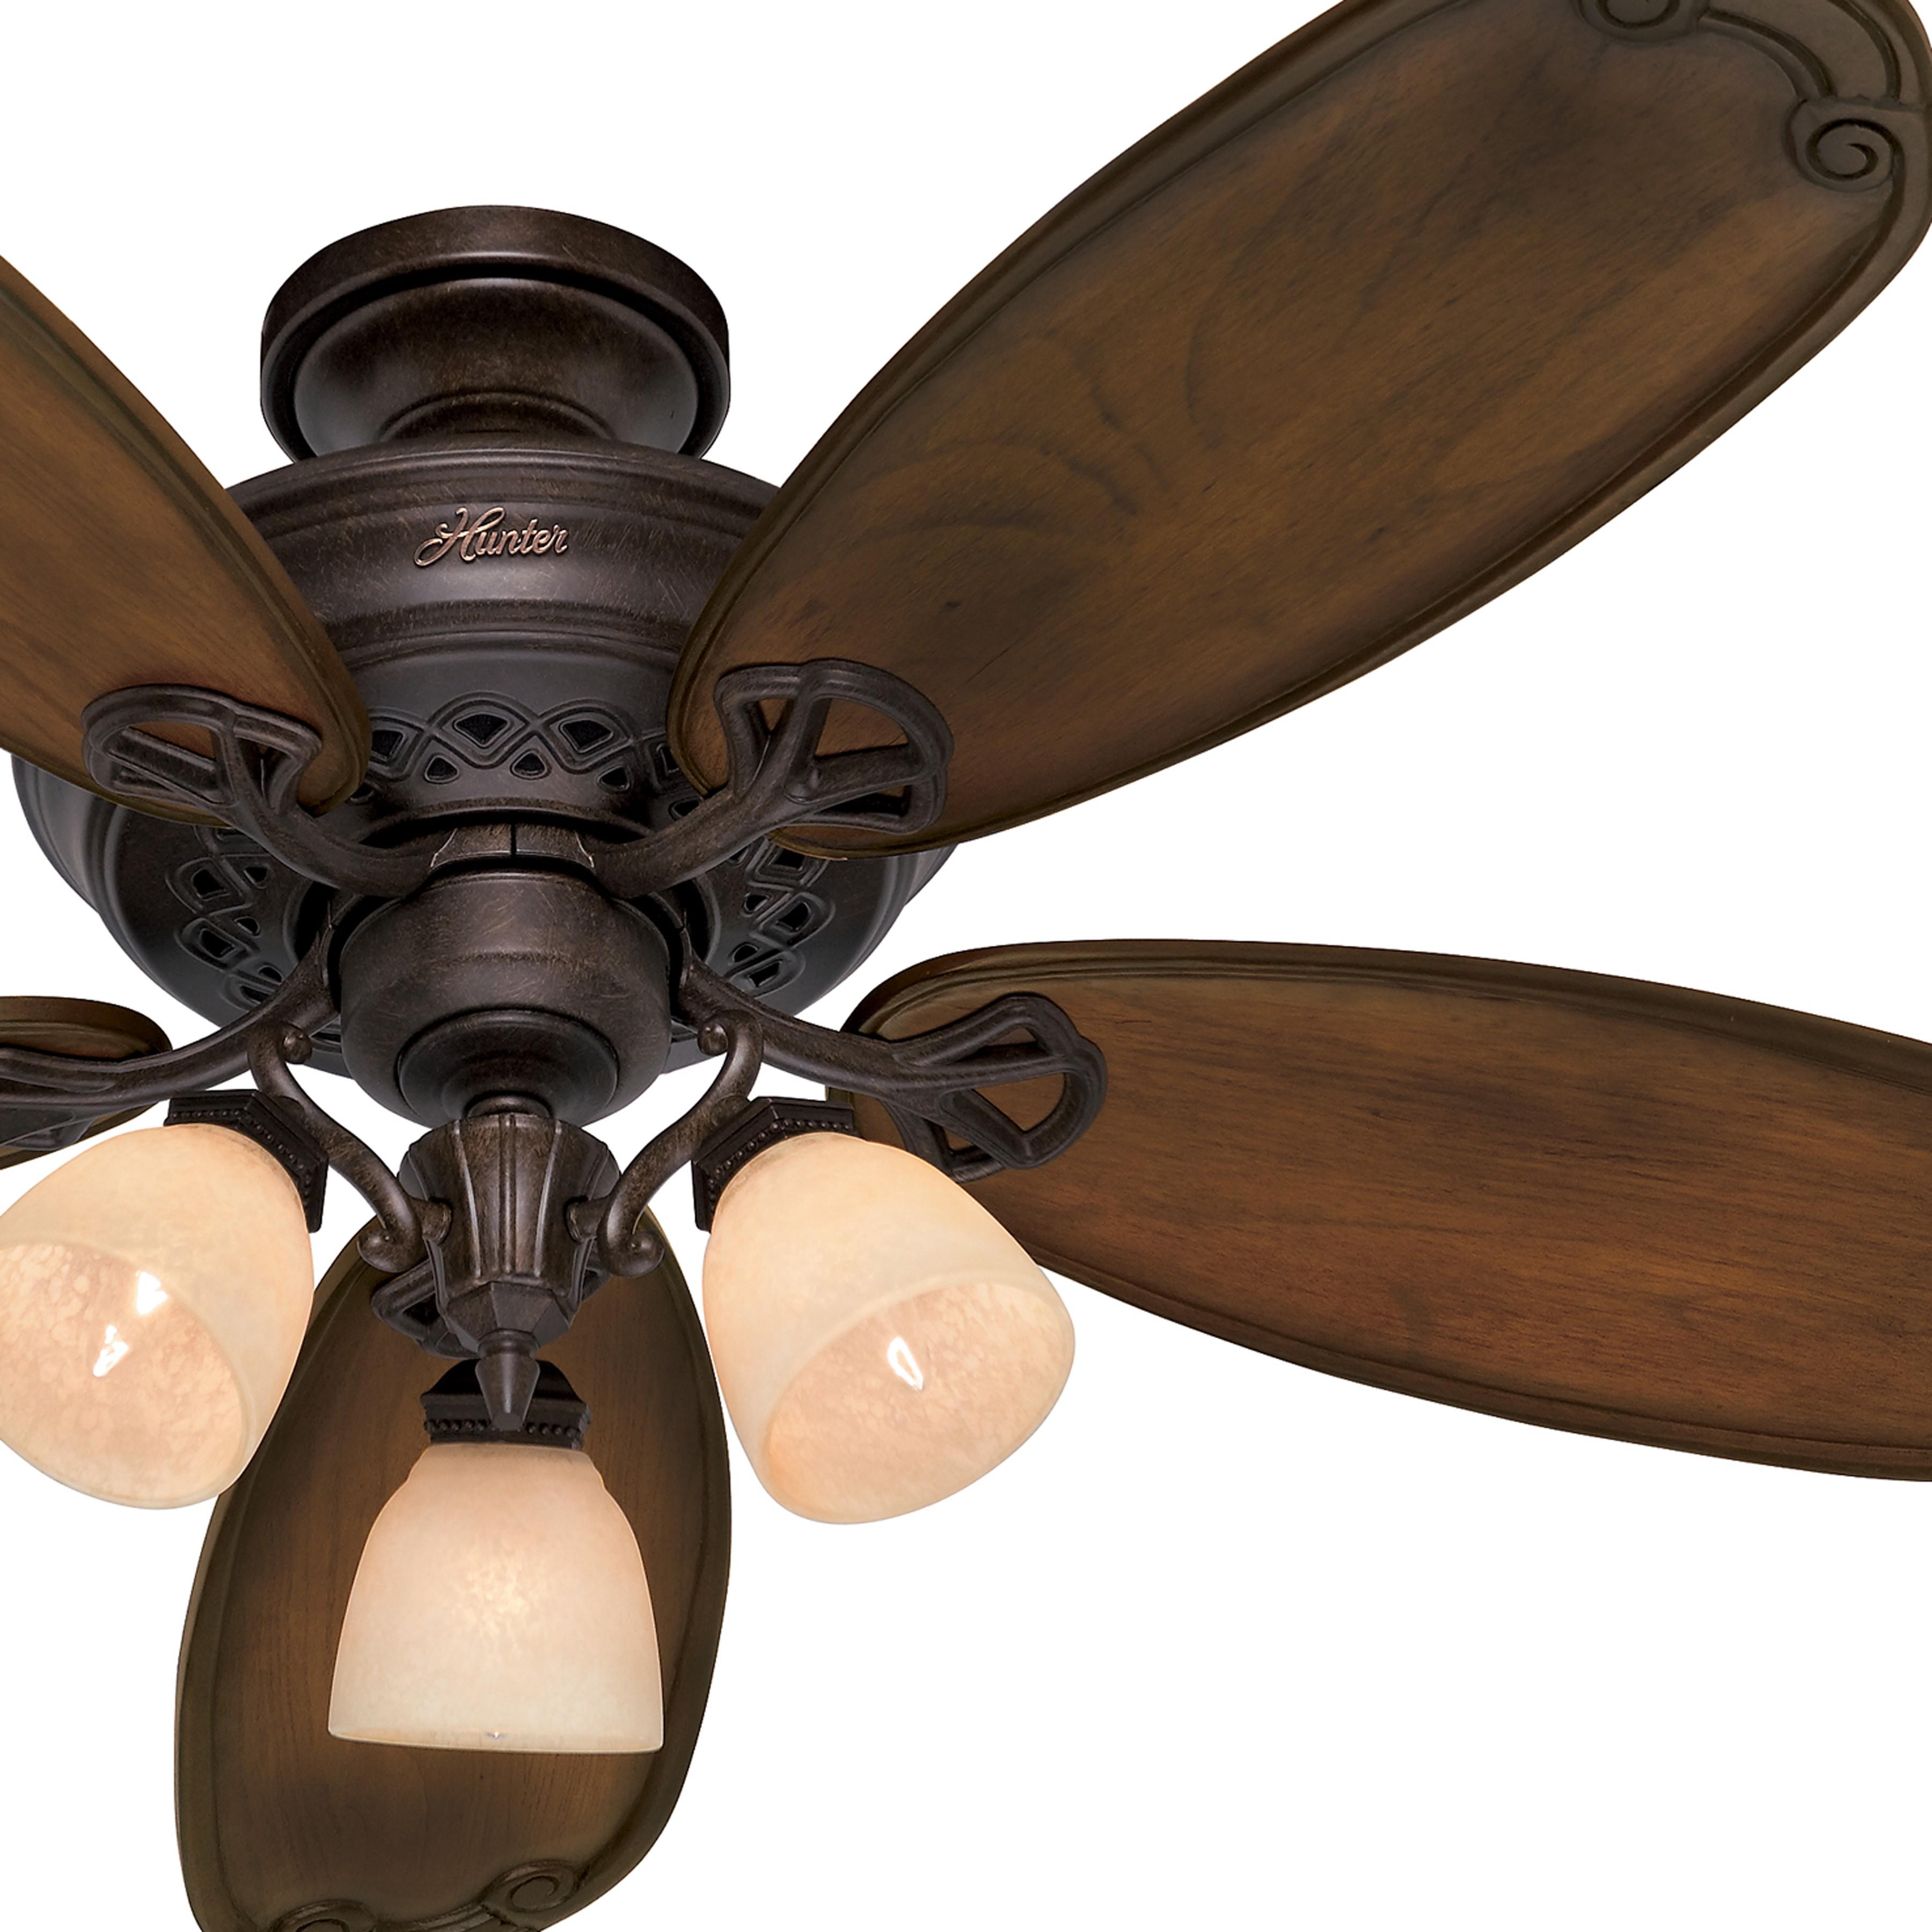 Hunter prestige claymore ceiling fan ceiling fan ideas hunter prestige claymore ceiling fan ideas aloadofball Gallery